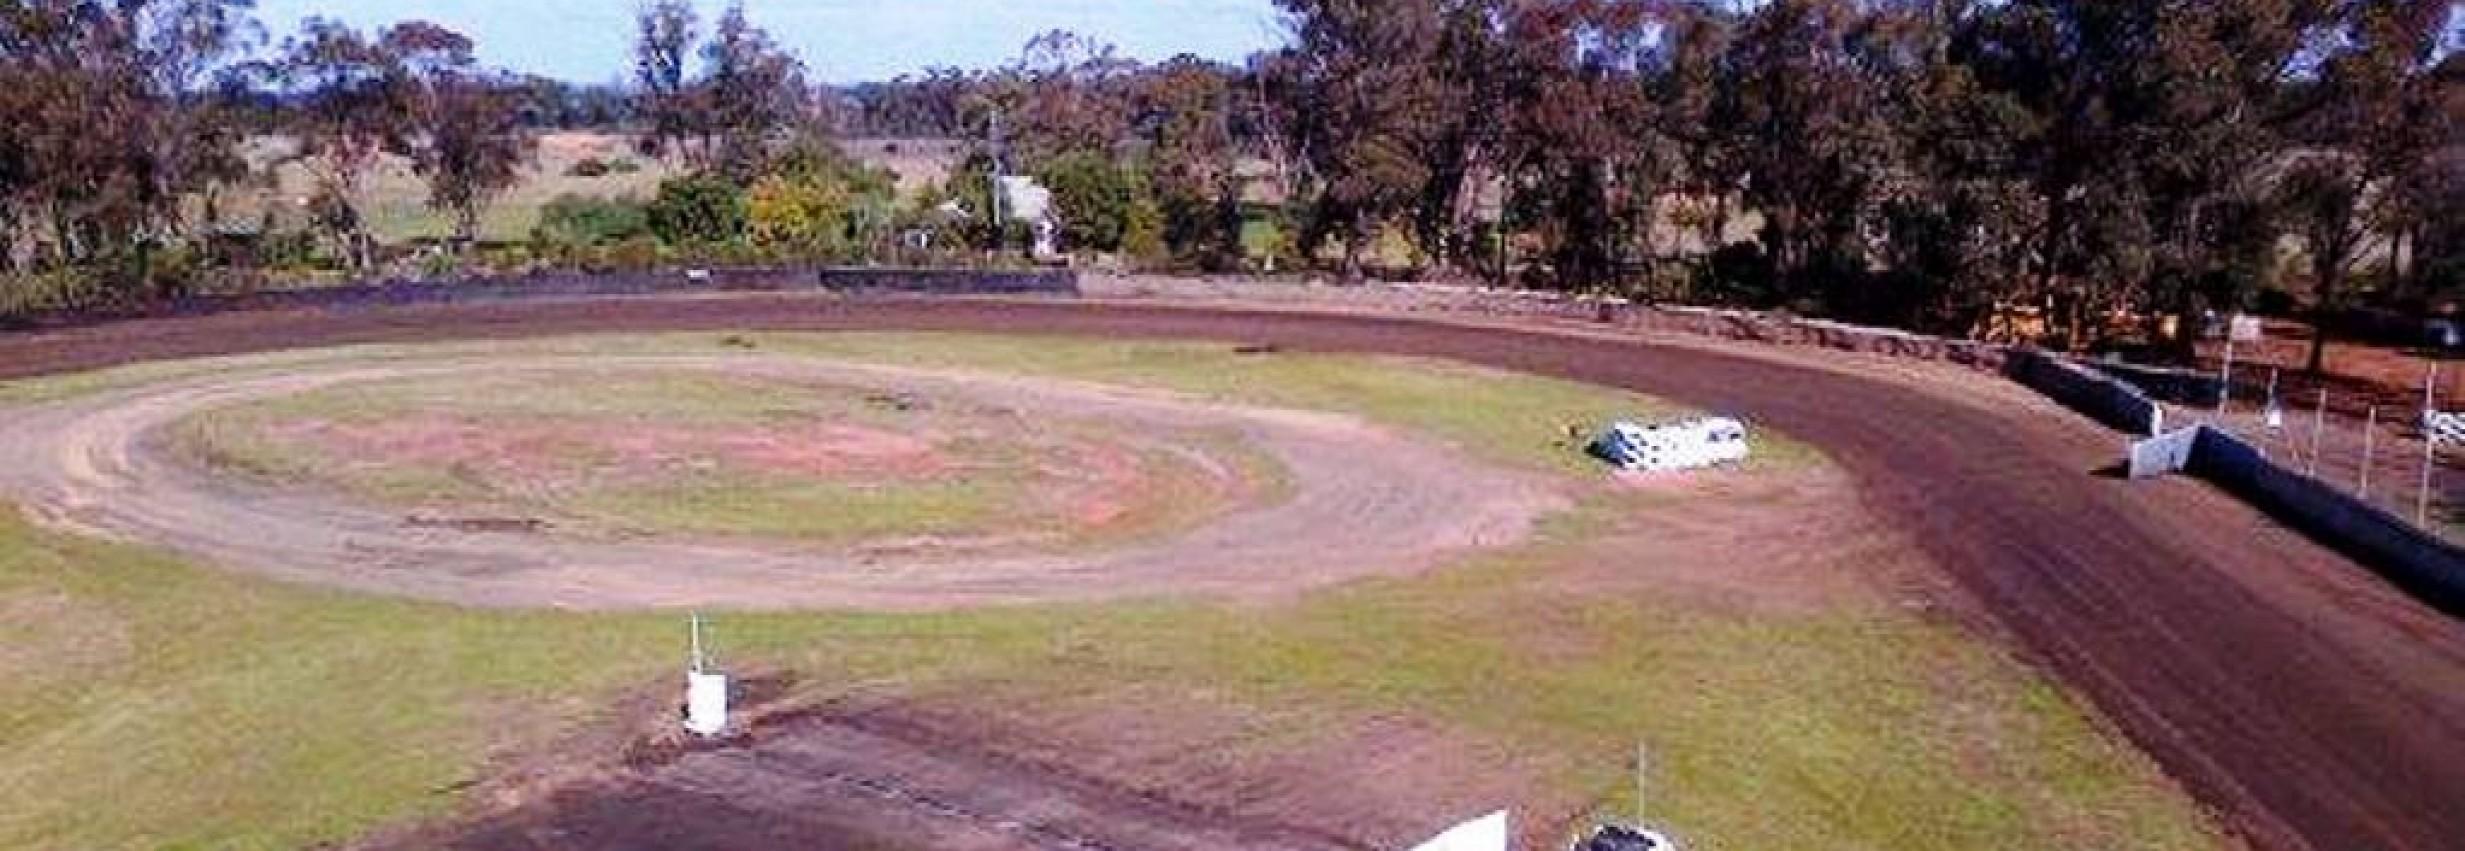 Lone Pine Speedway – Wyalong Motosports Club